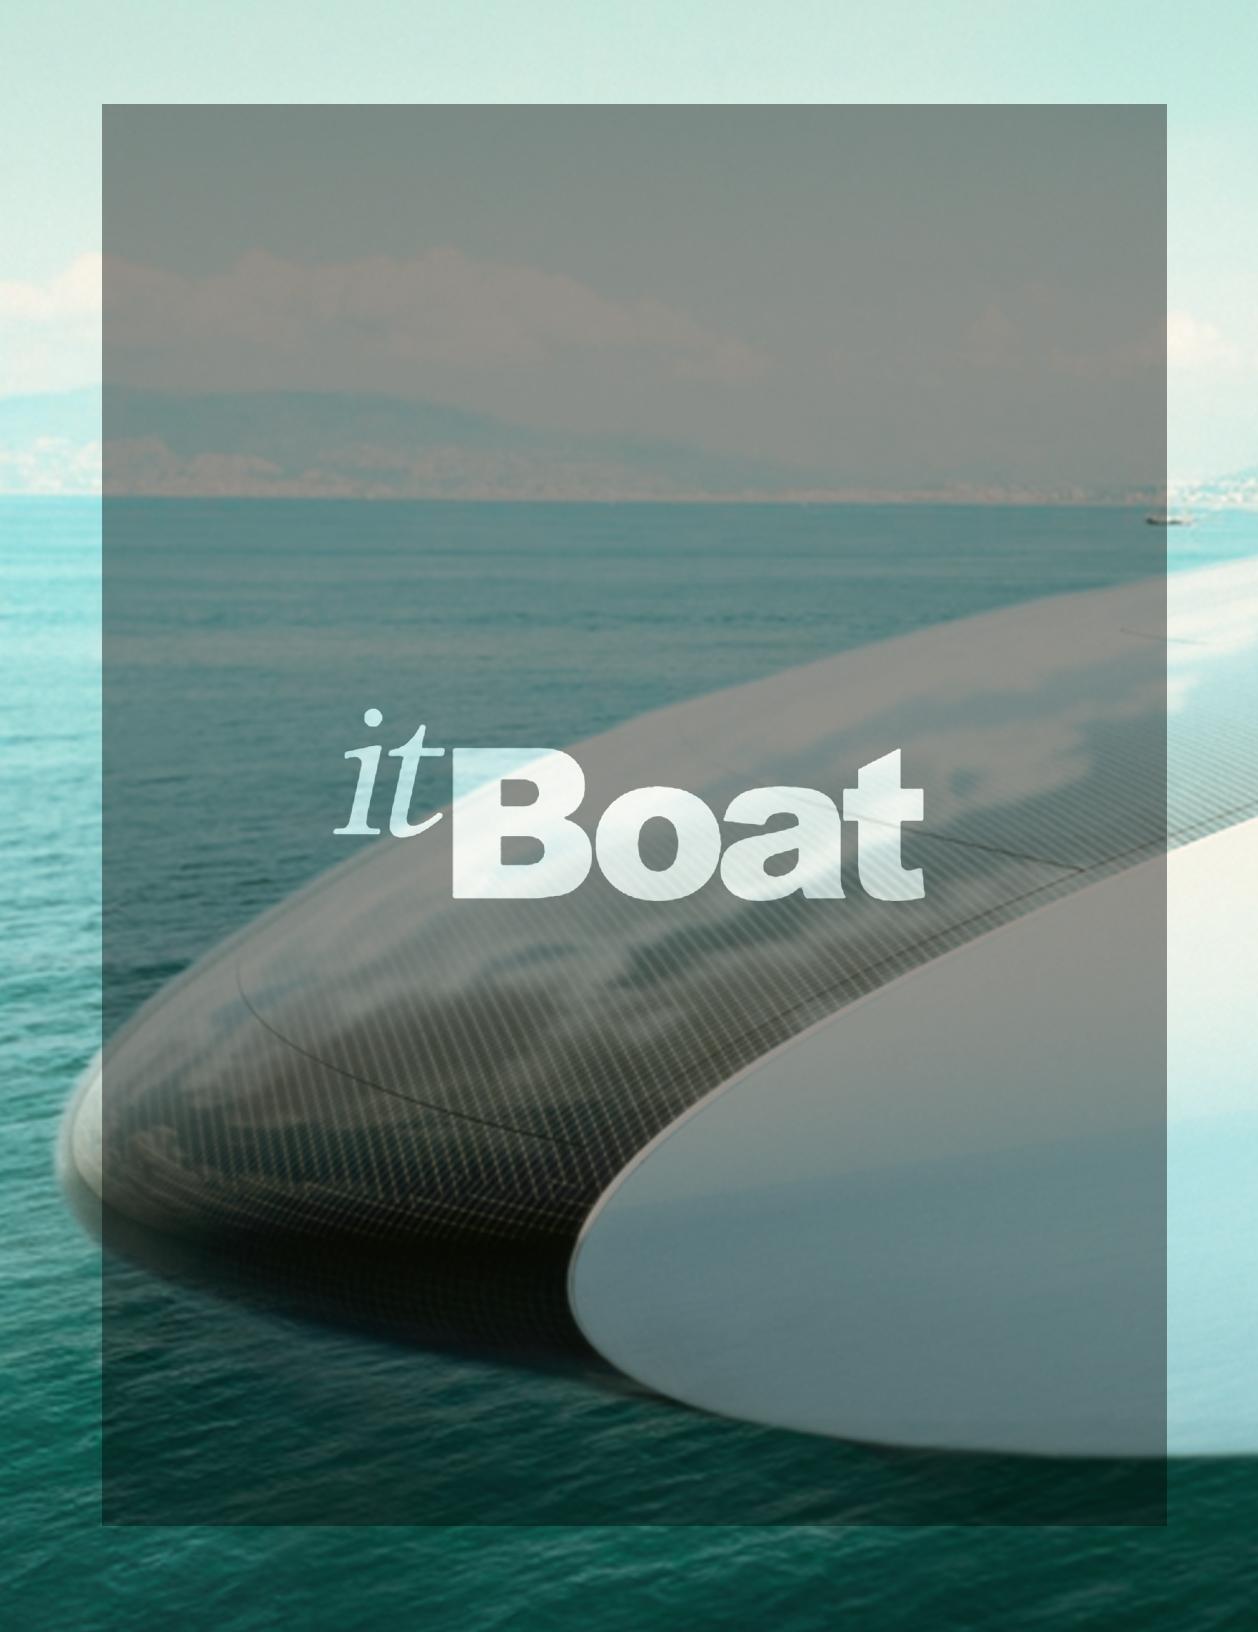 Eramotive показала концепты гибридных многокорпусников  Дизайн-студия Eramotive, расположенная в Майами, показала концепт трех гибридных многокорпусных судов. Трио  Iris Series  включает в себя 45-метровую яхту с тремя палубами, 75-метровую яхту с пятью палубами и 125-метровую яхту с семью палубами....